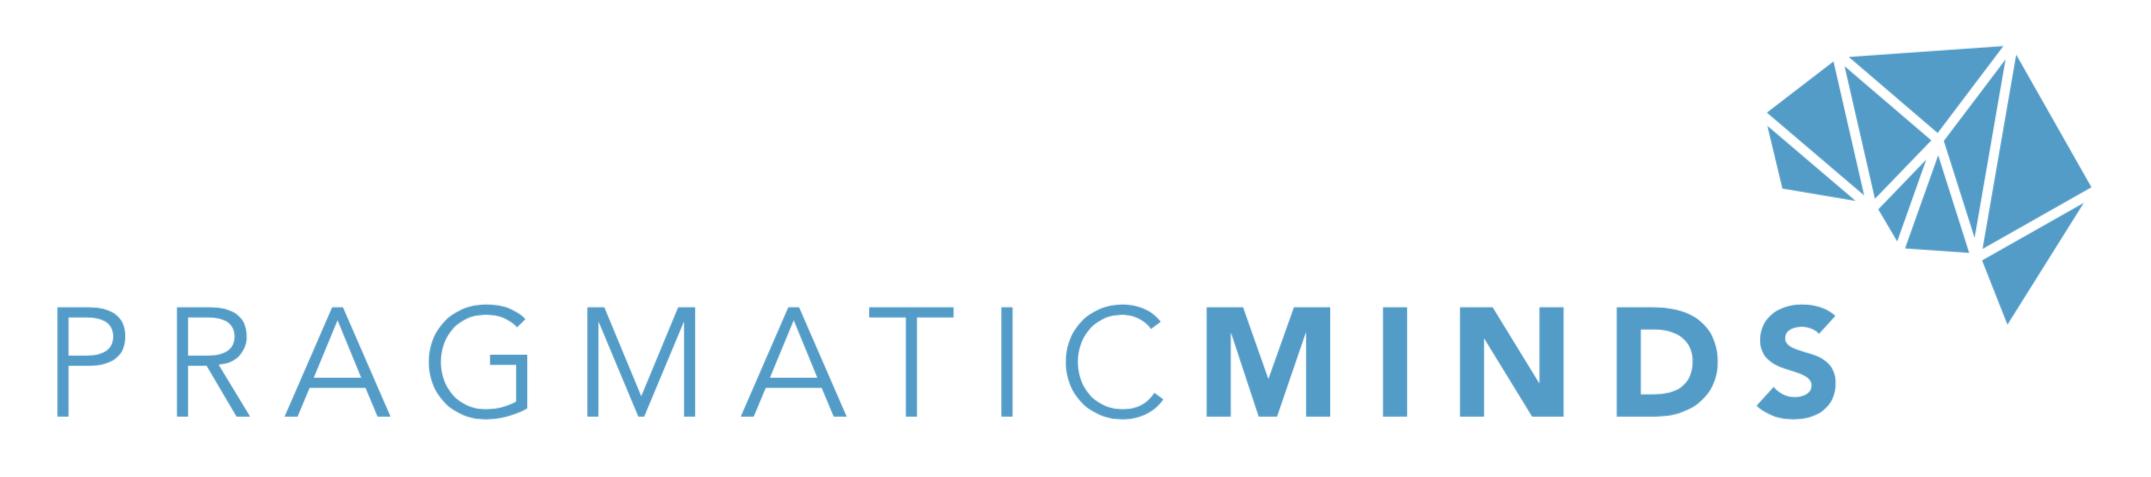 logo pm hires